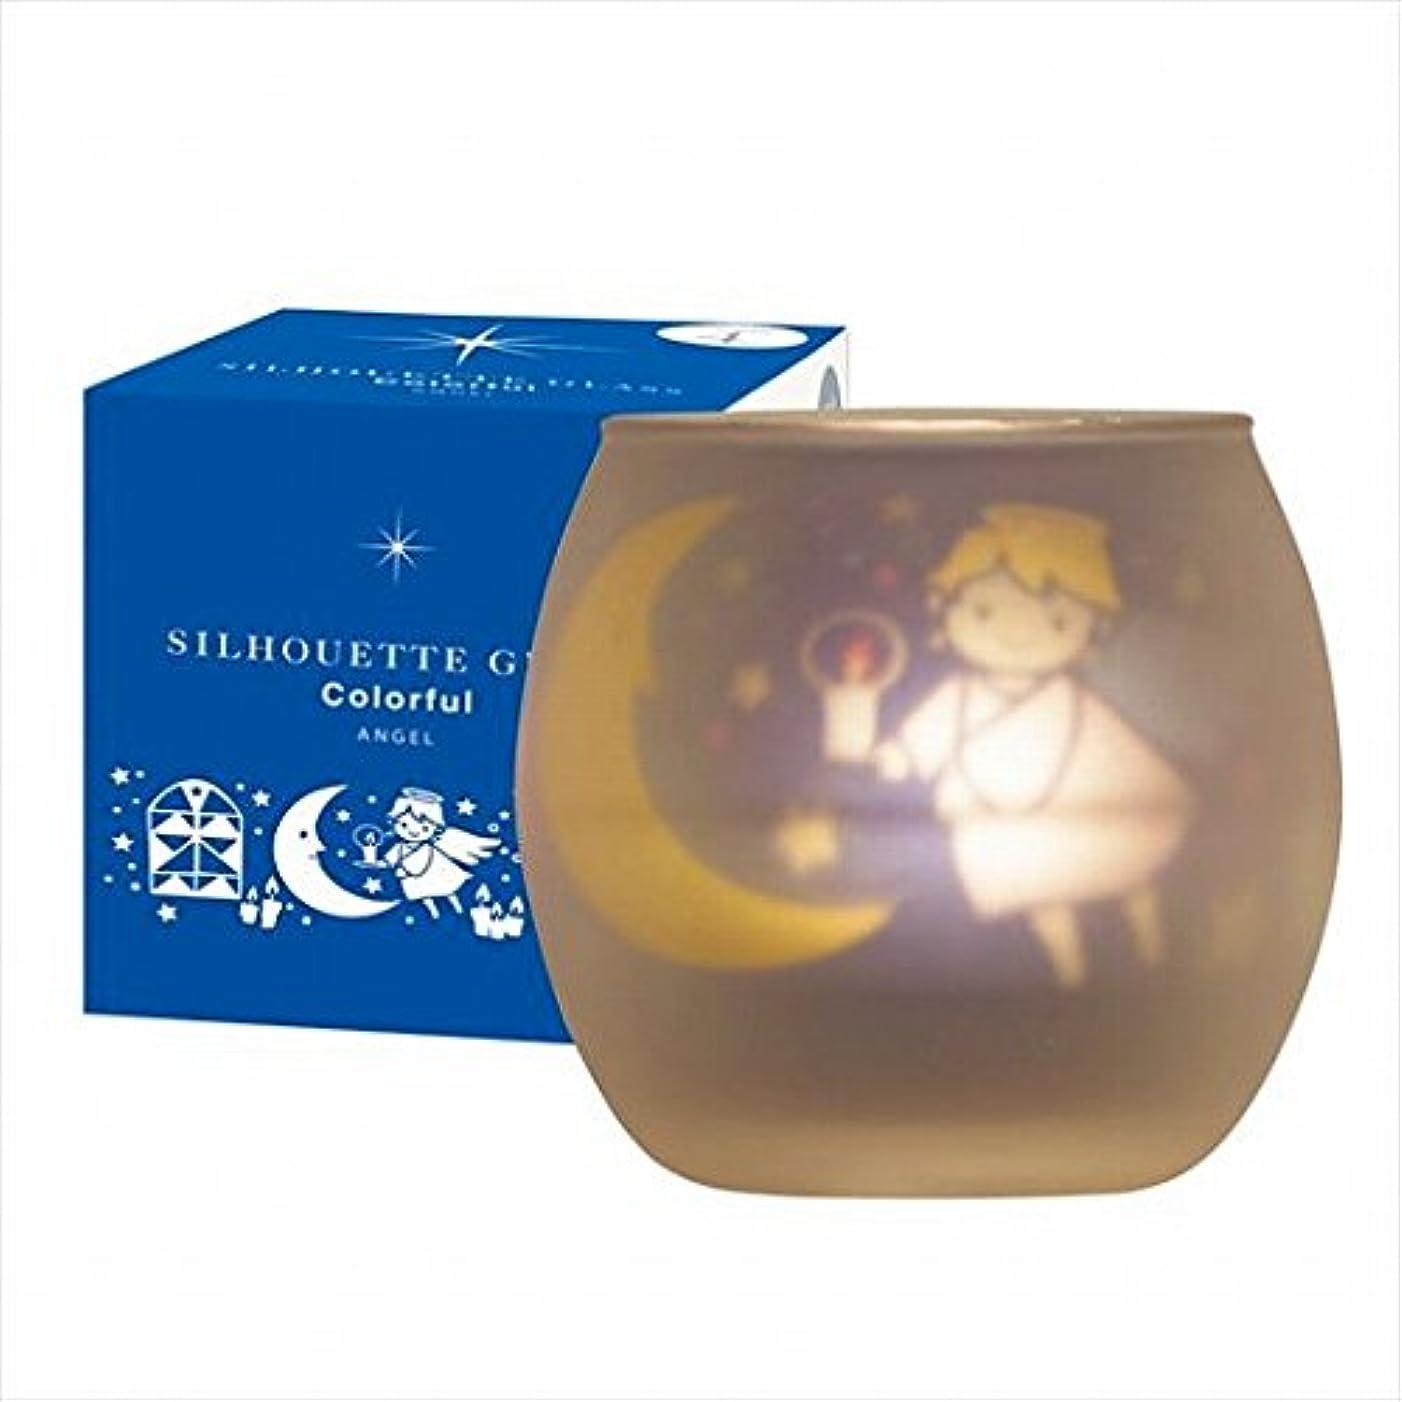 公平なアトミック狂うカメヤマキャンドル(kameyama candle) シルエットグラスカラフルエンジェル【キャンドル4個付き】